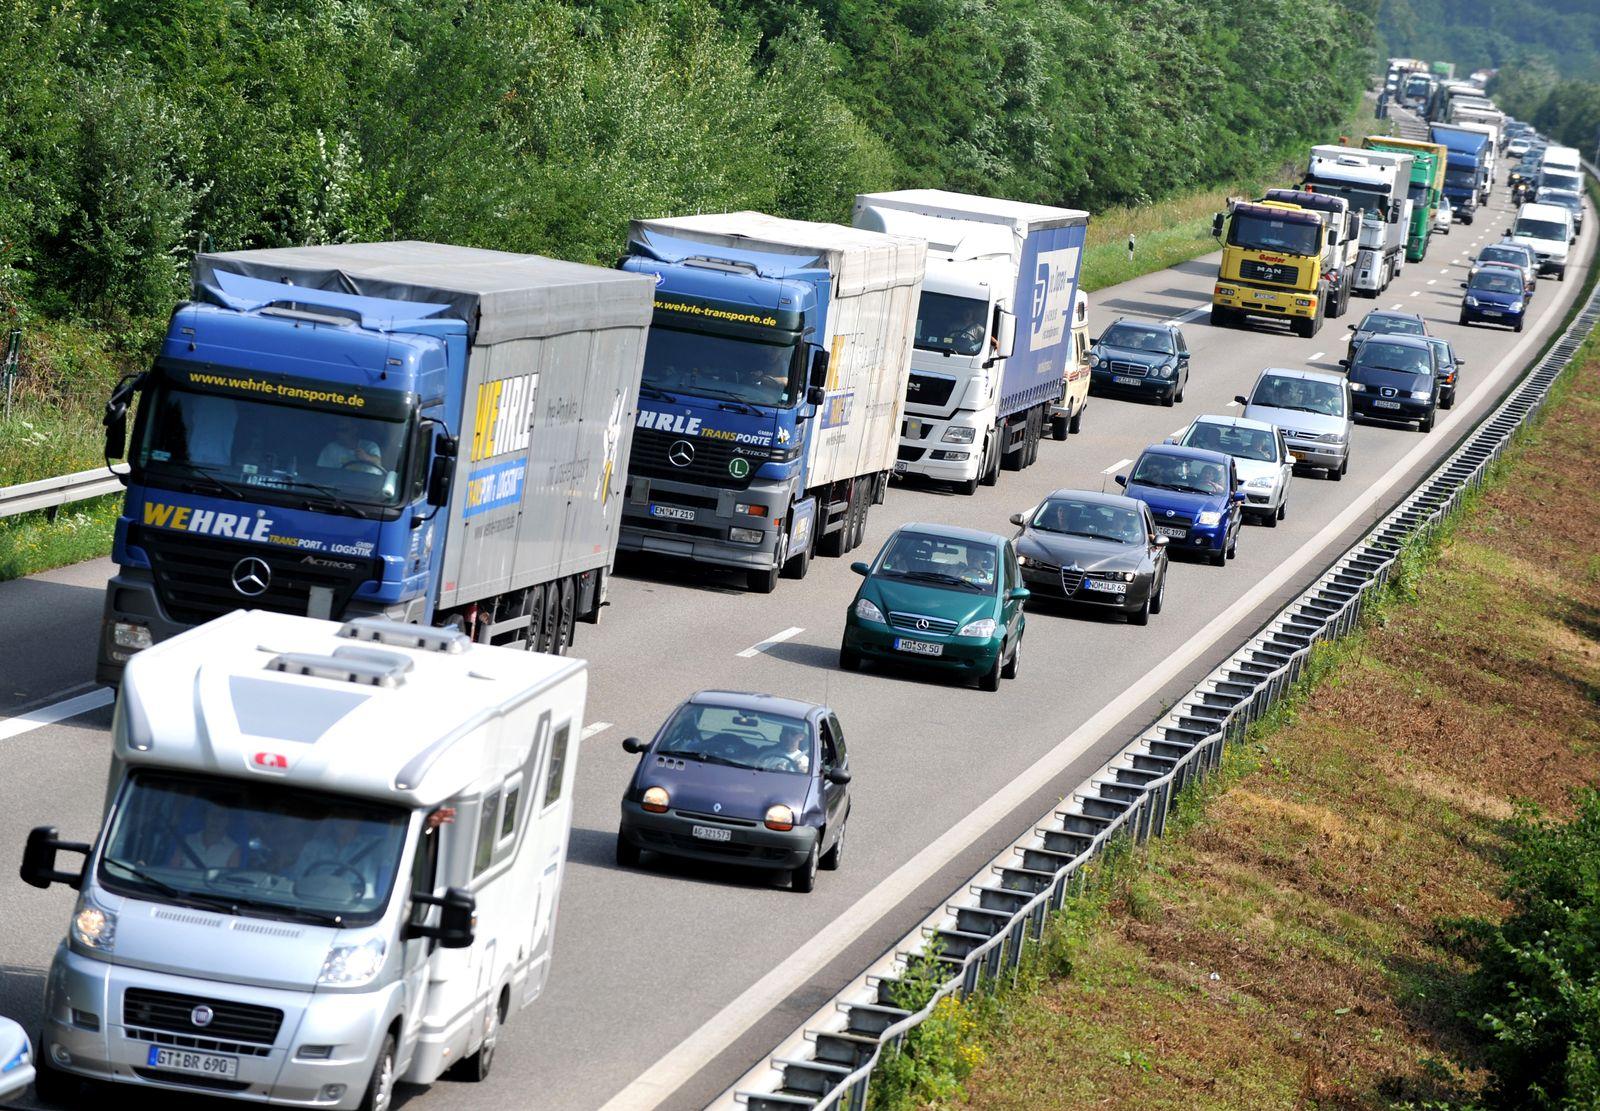 LKW / Autobahn / Fahrverbot für Lkw